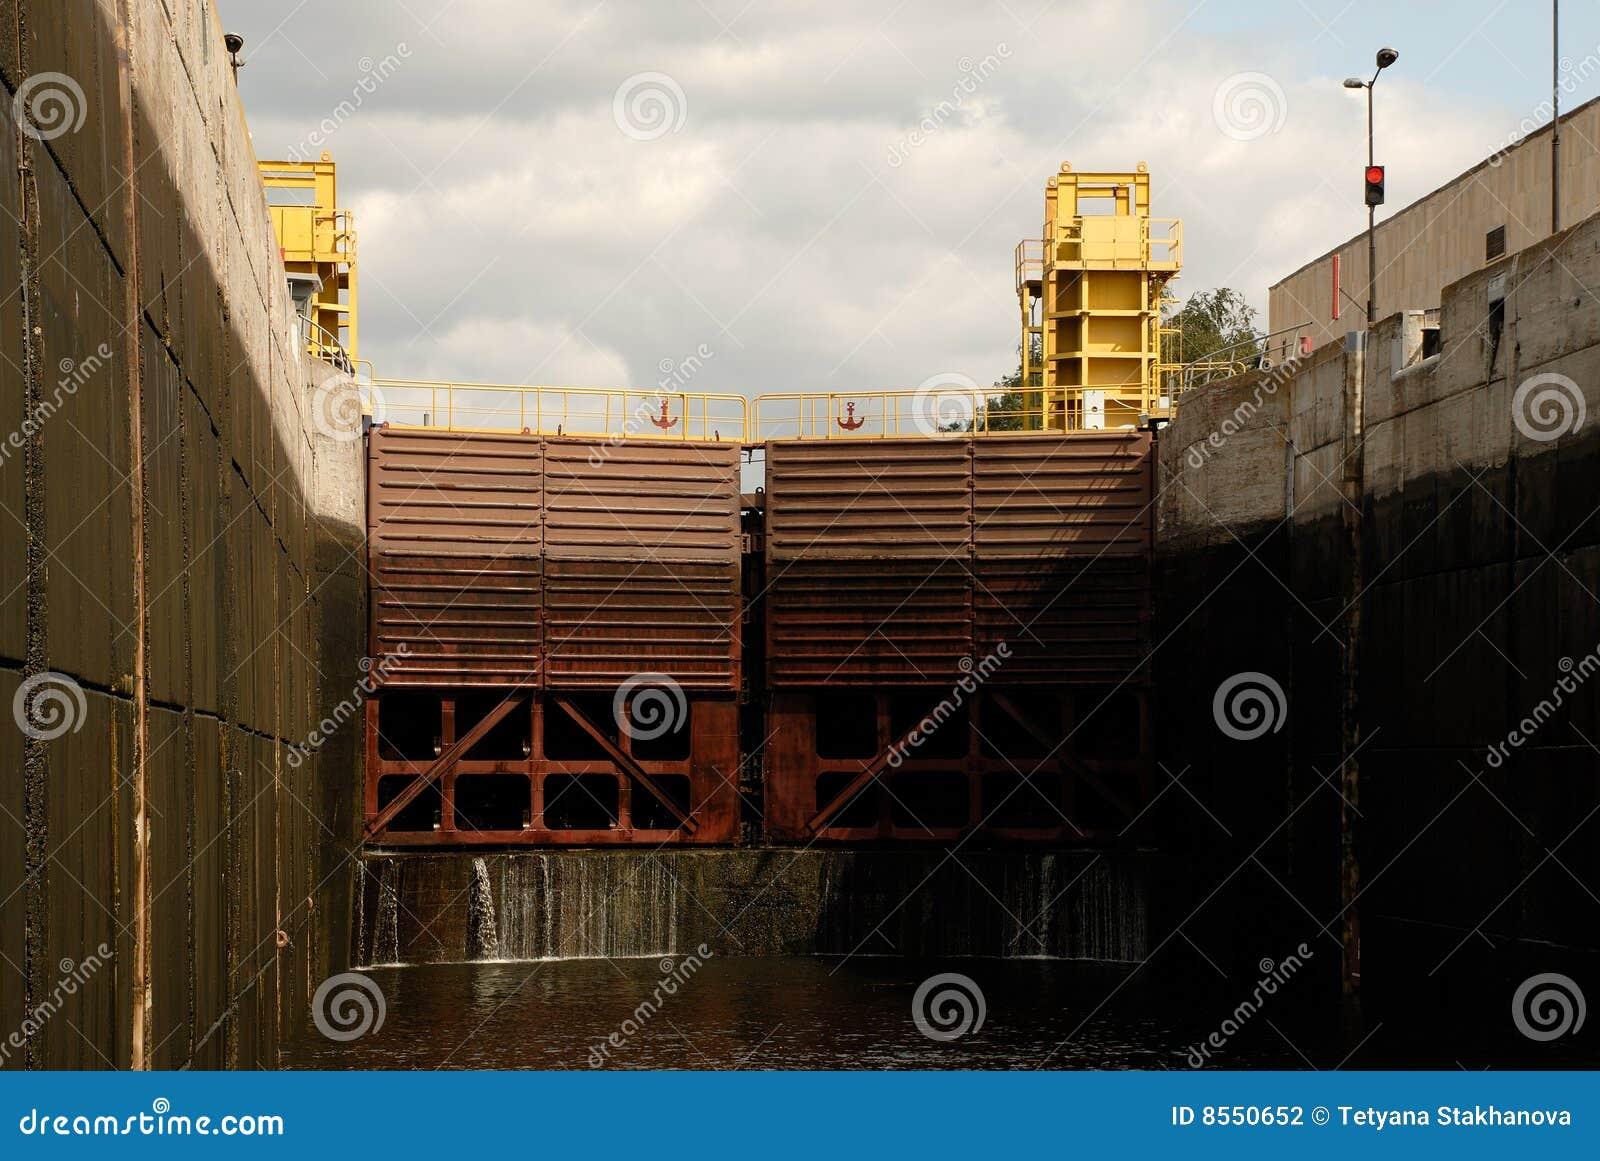 De verschepende poorten van de kamer van het slot stock fotografie afbeelding 8550652 - Kamer van water ...